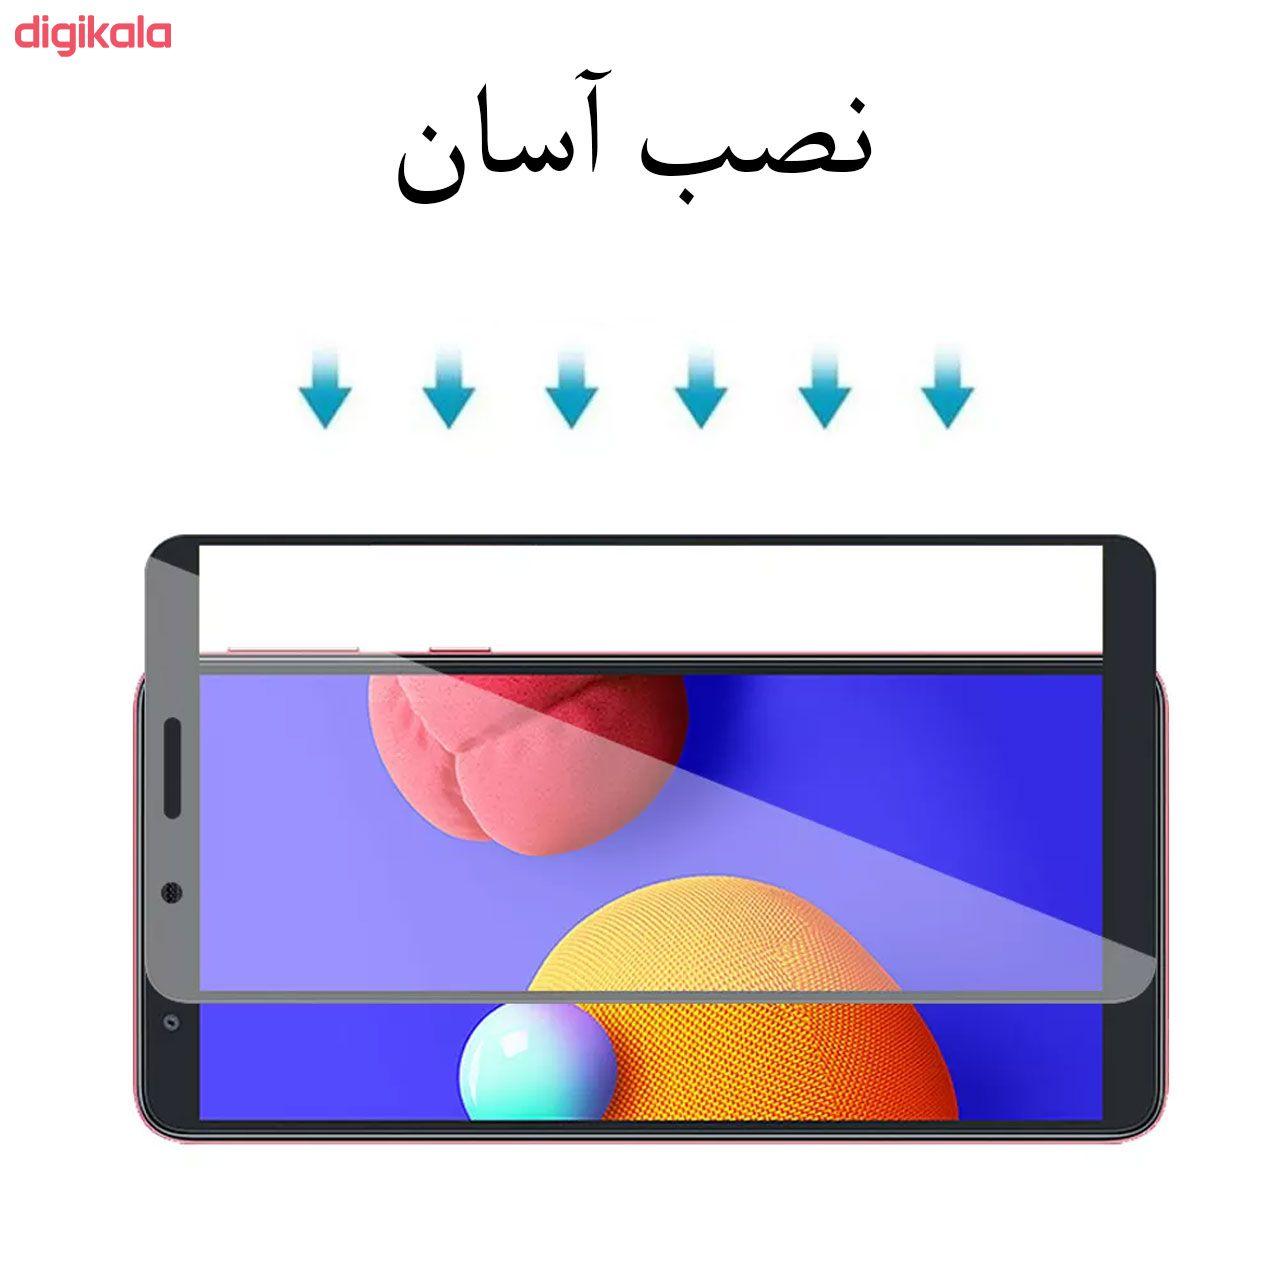 محافظ صفحه نمایش مدل FCG مناسب برای گوشی موبایل سامسونگ Galaxy A01 Core main 1 6